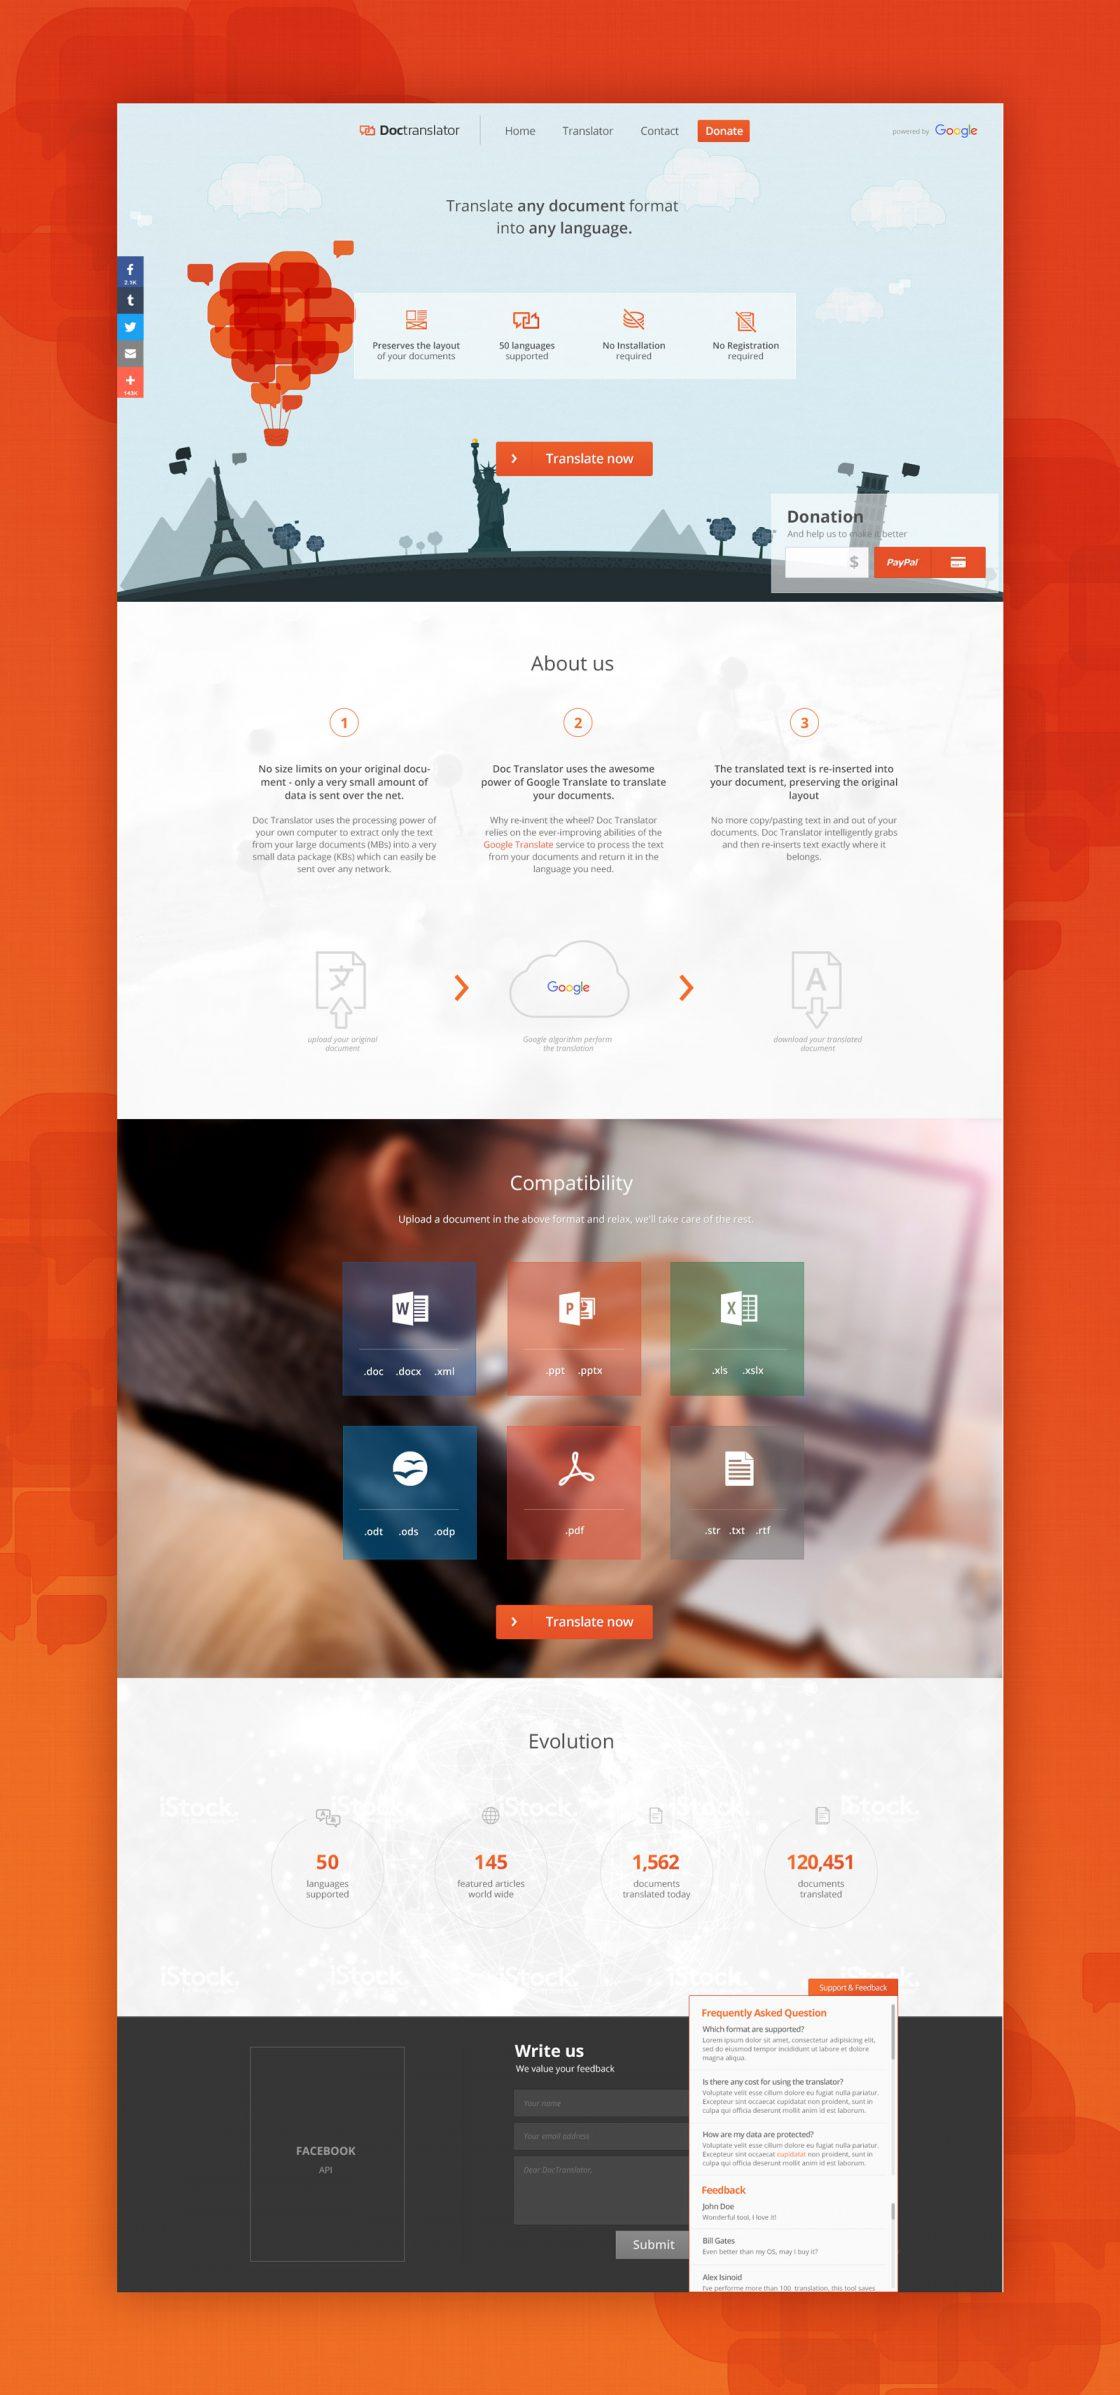 Diseño completo de la página web de inicio de DocTranslator